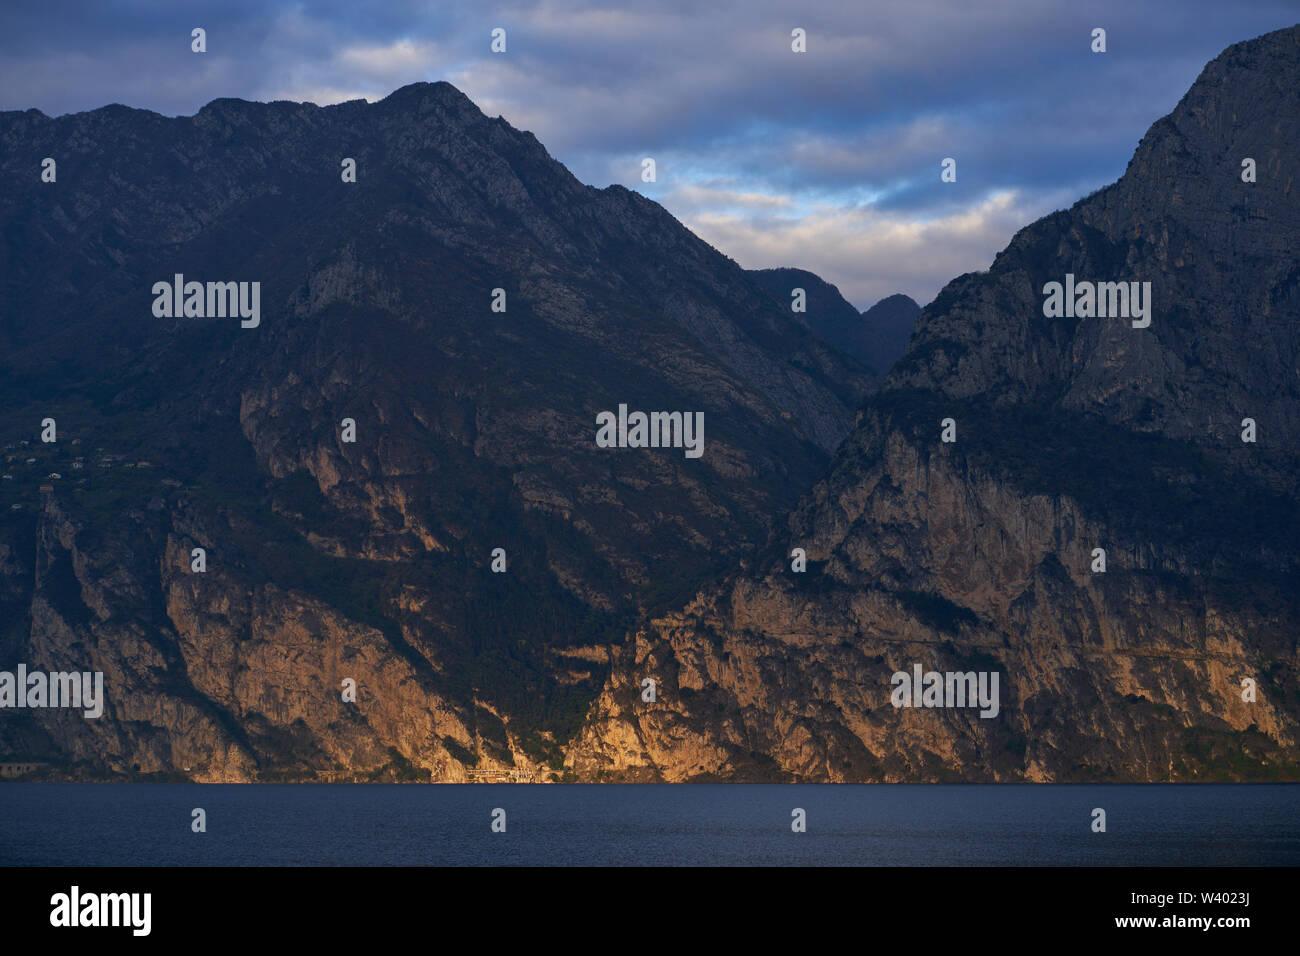 North beach with sunrise, Pregasina village, Cima della Nara at Lago di Garda, Lake Garda in Torbole - Nago, Riva, Trentino , Italy at April 15, 2019. - Stock Image